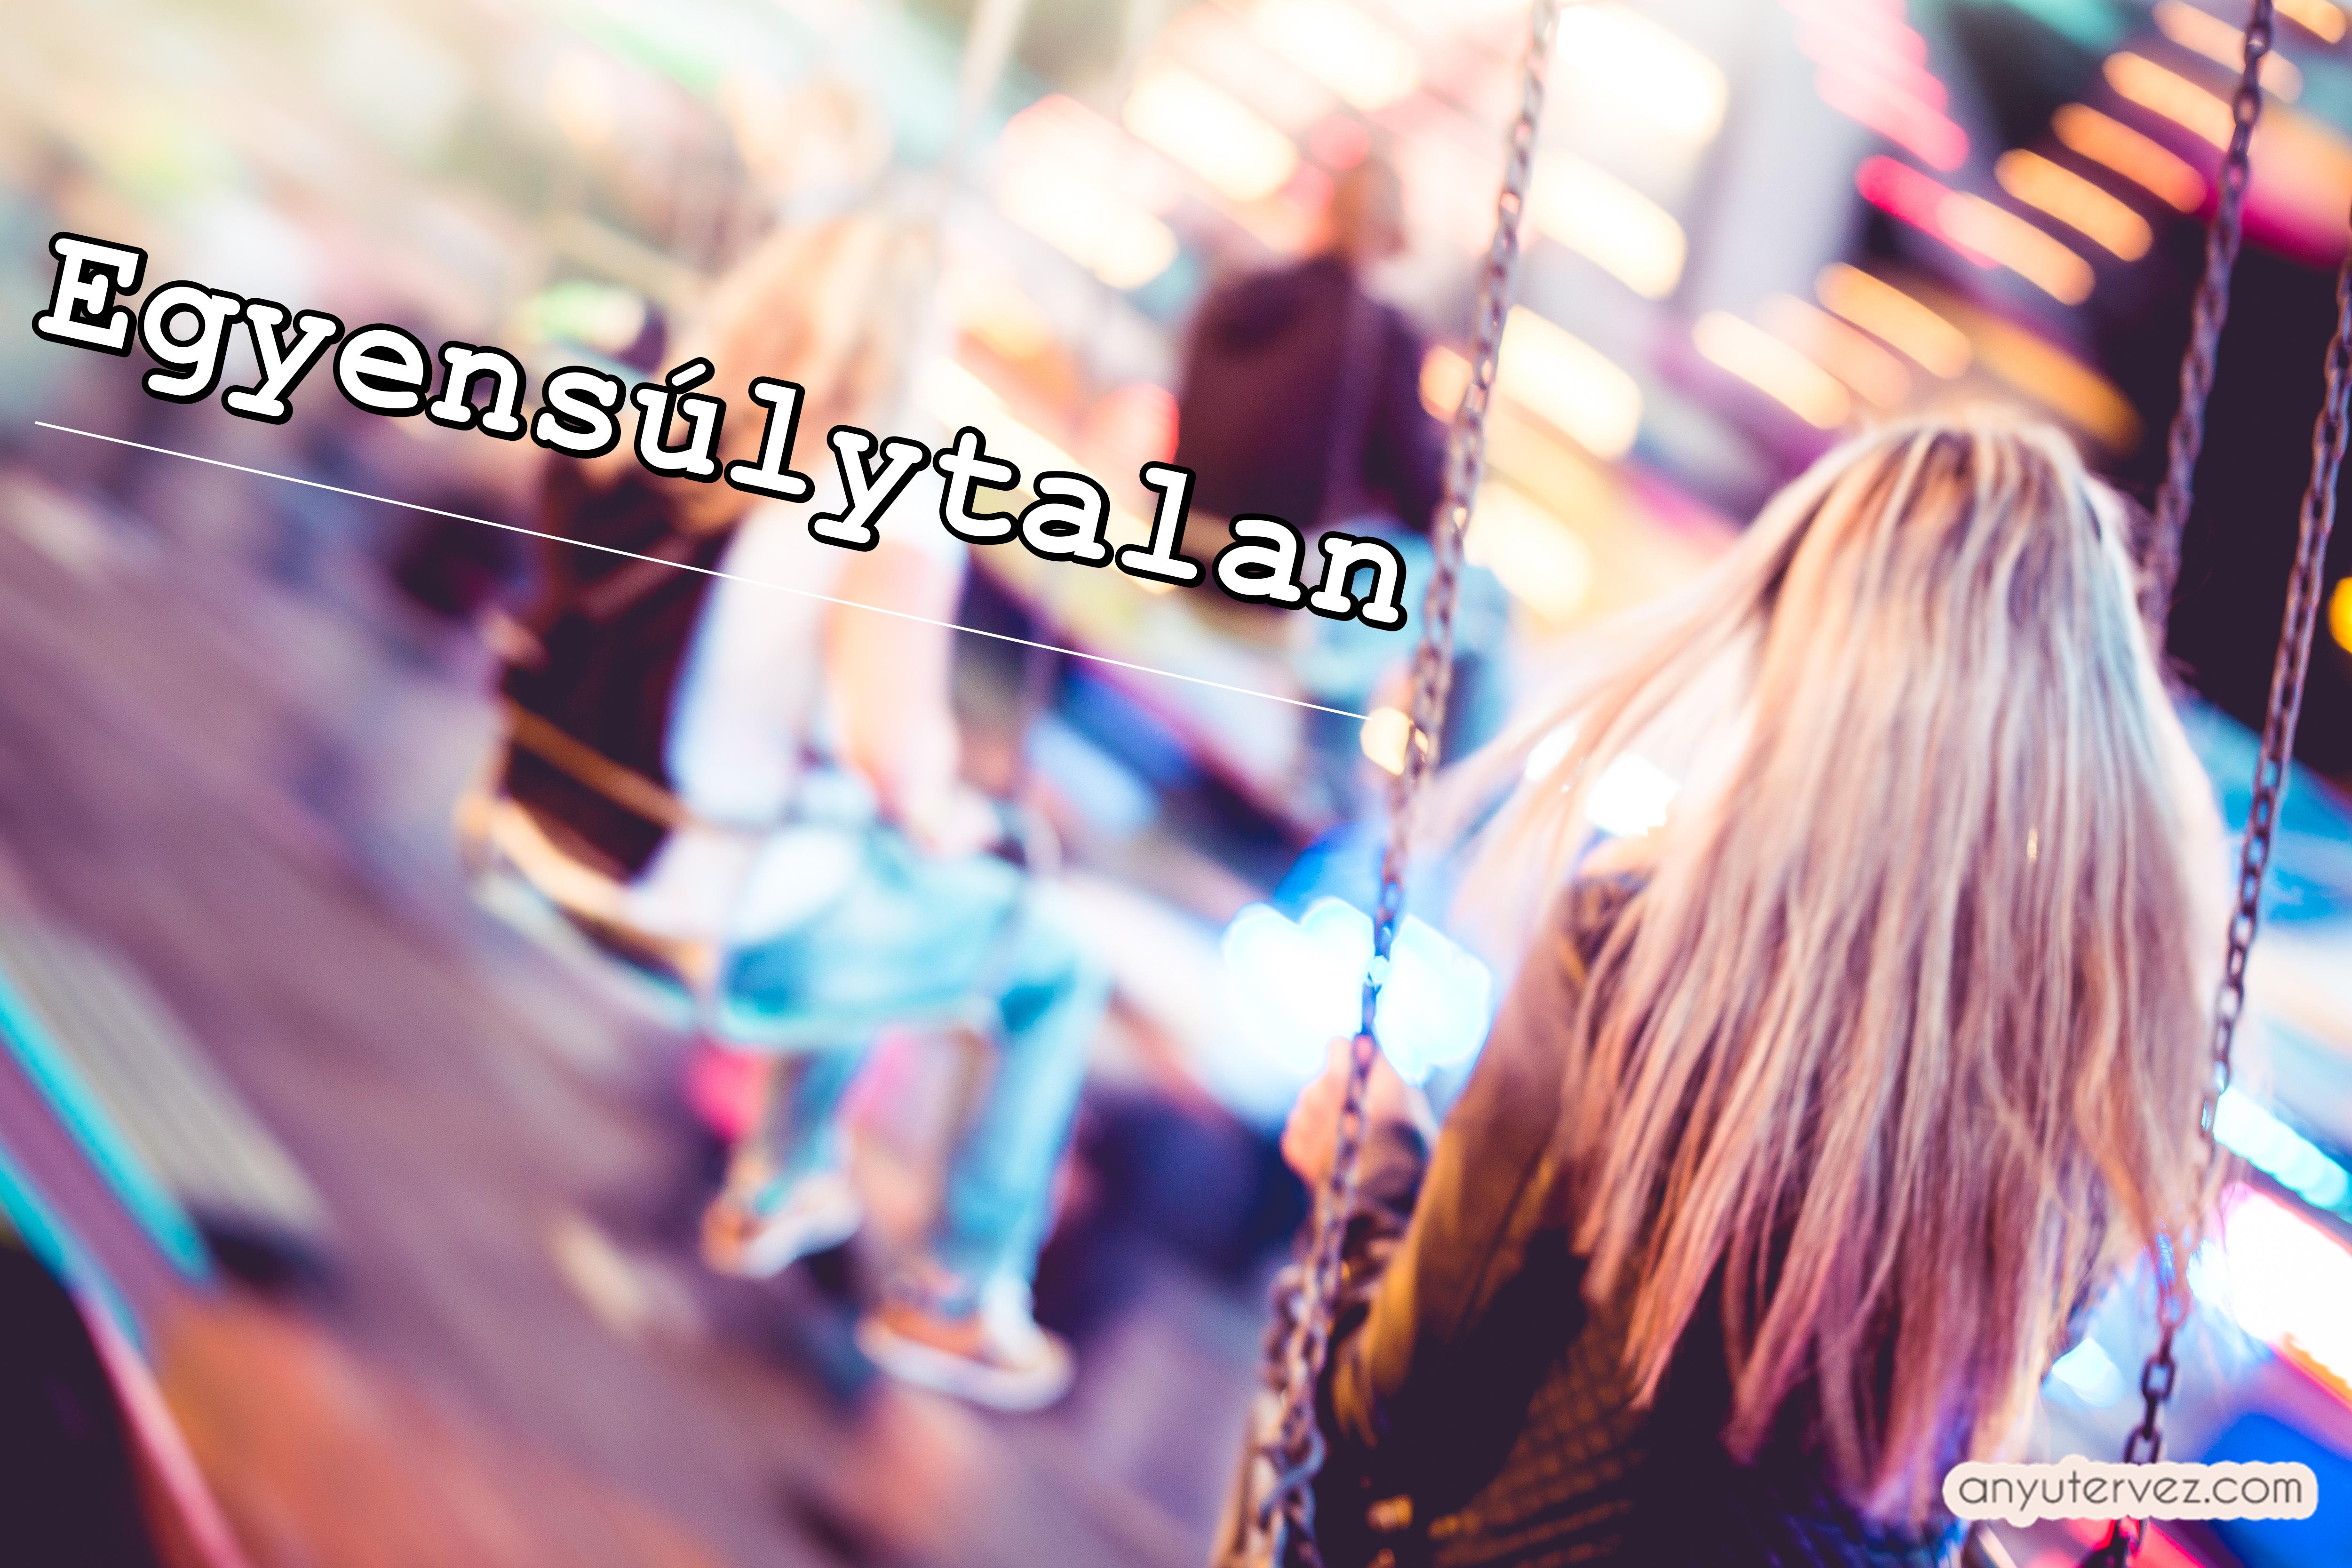 woman-on-carousel-swing-ride-picjumbo-com